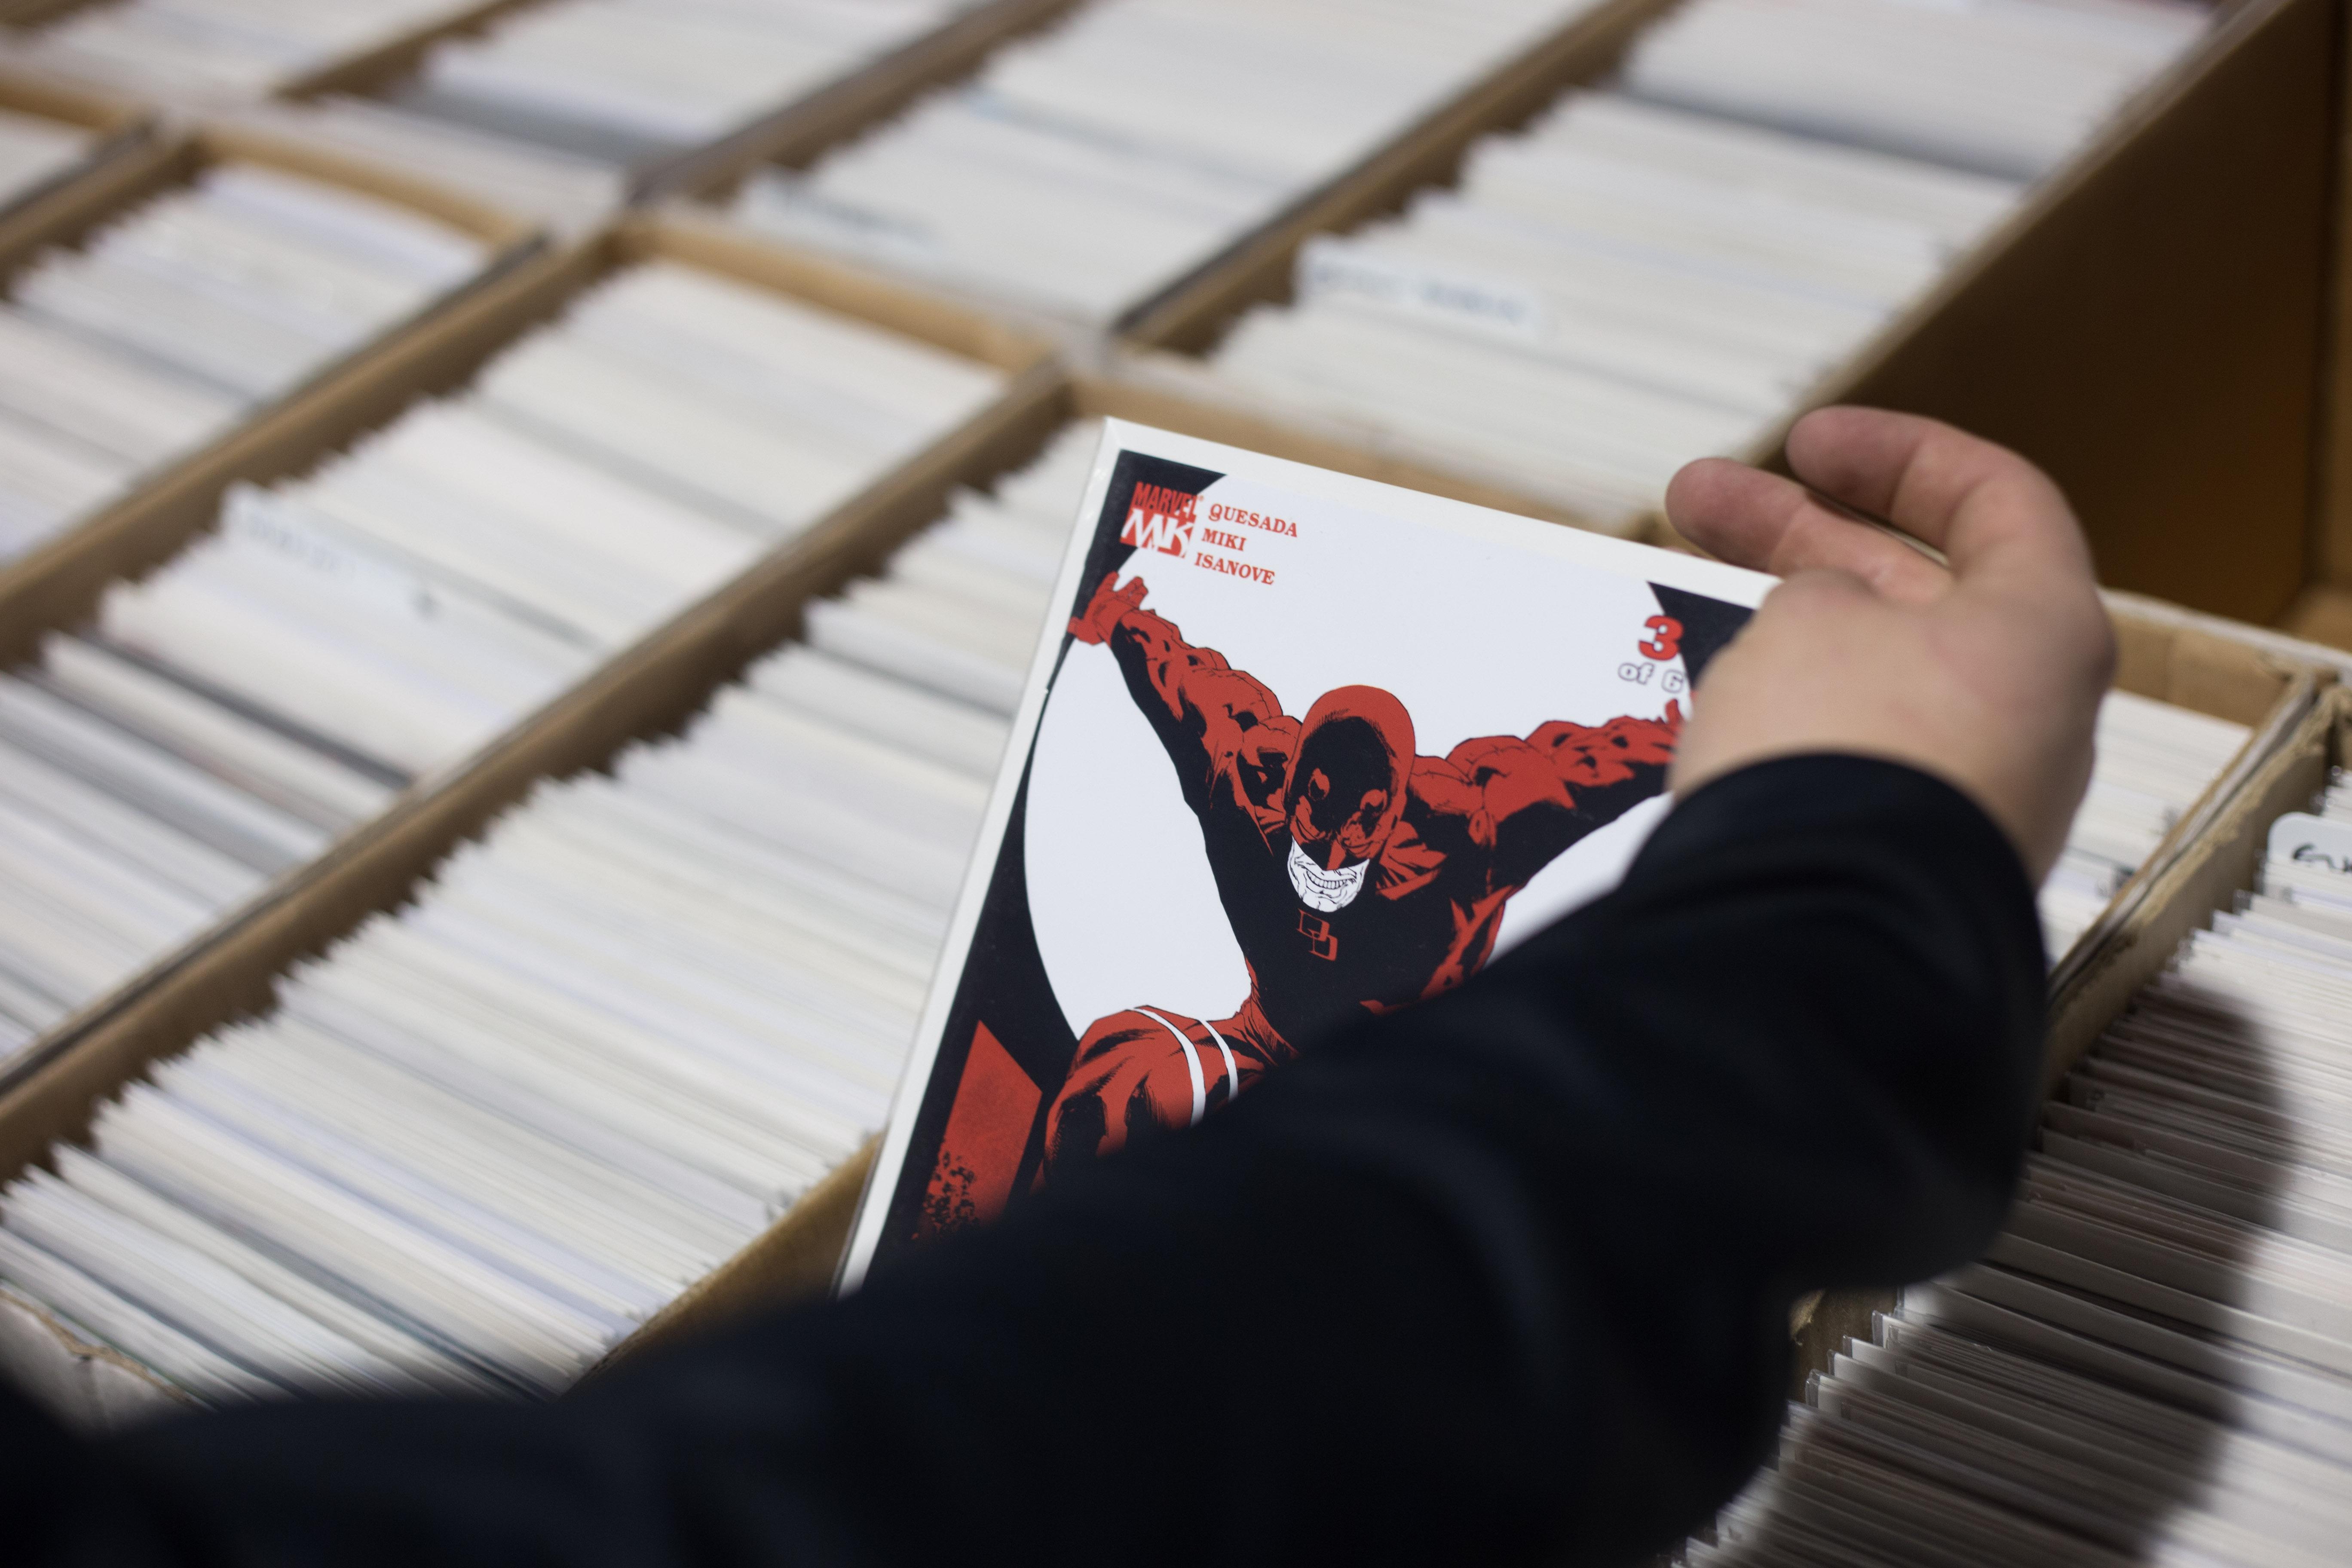 Nákupom komiksov sa človek nevyhol (Foto: PoP-Cult Magazín)